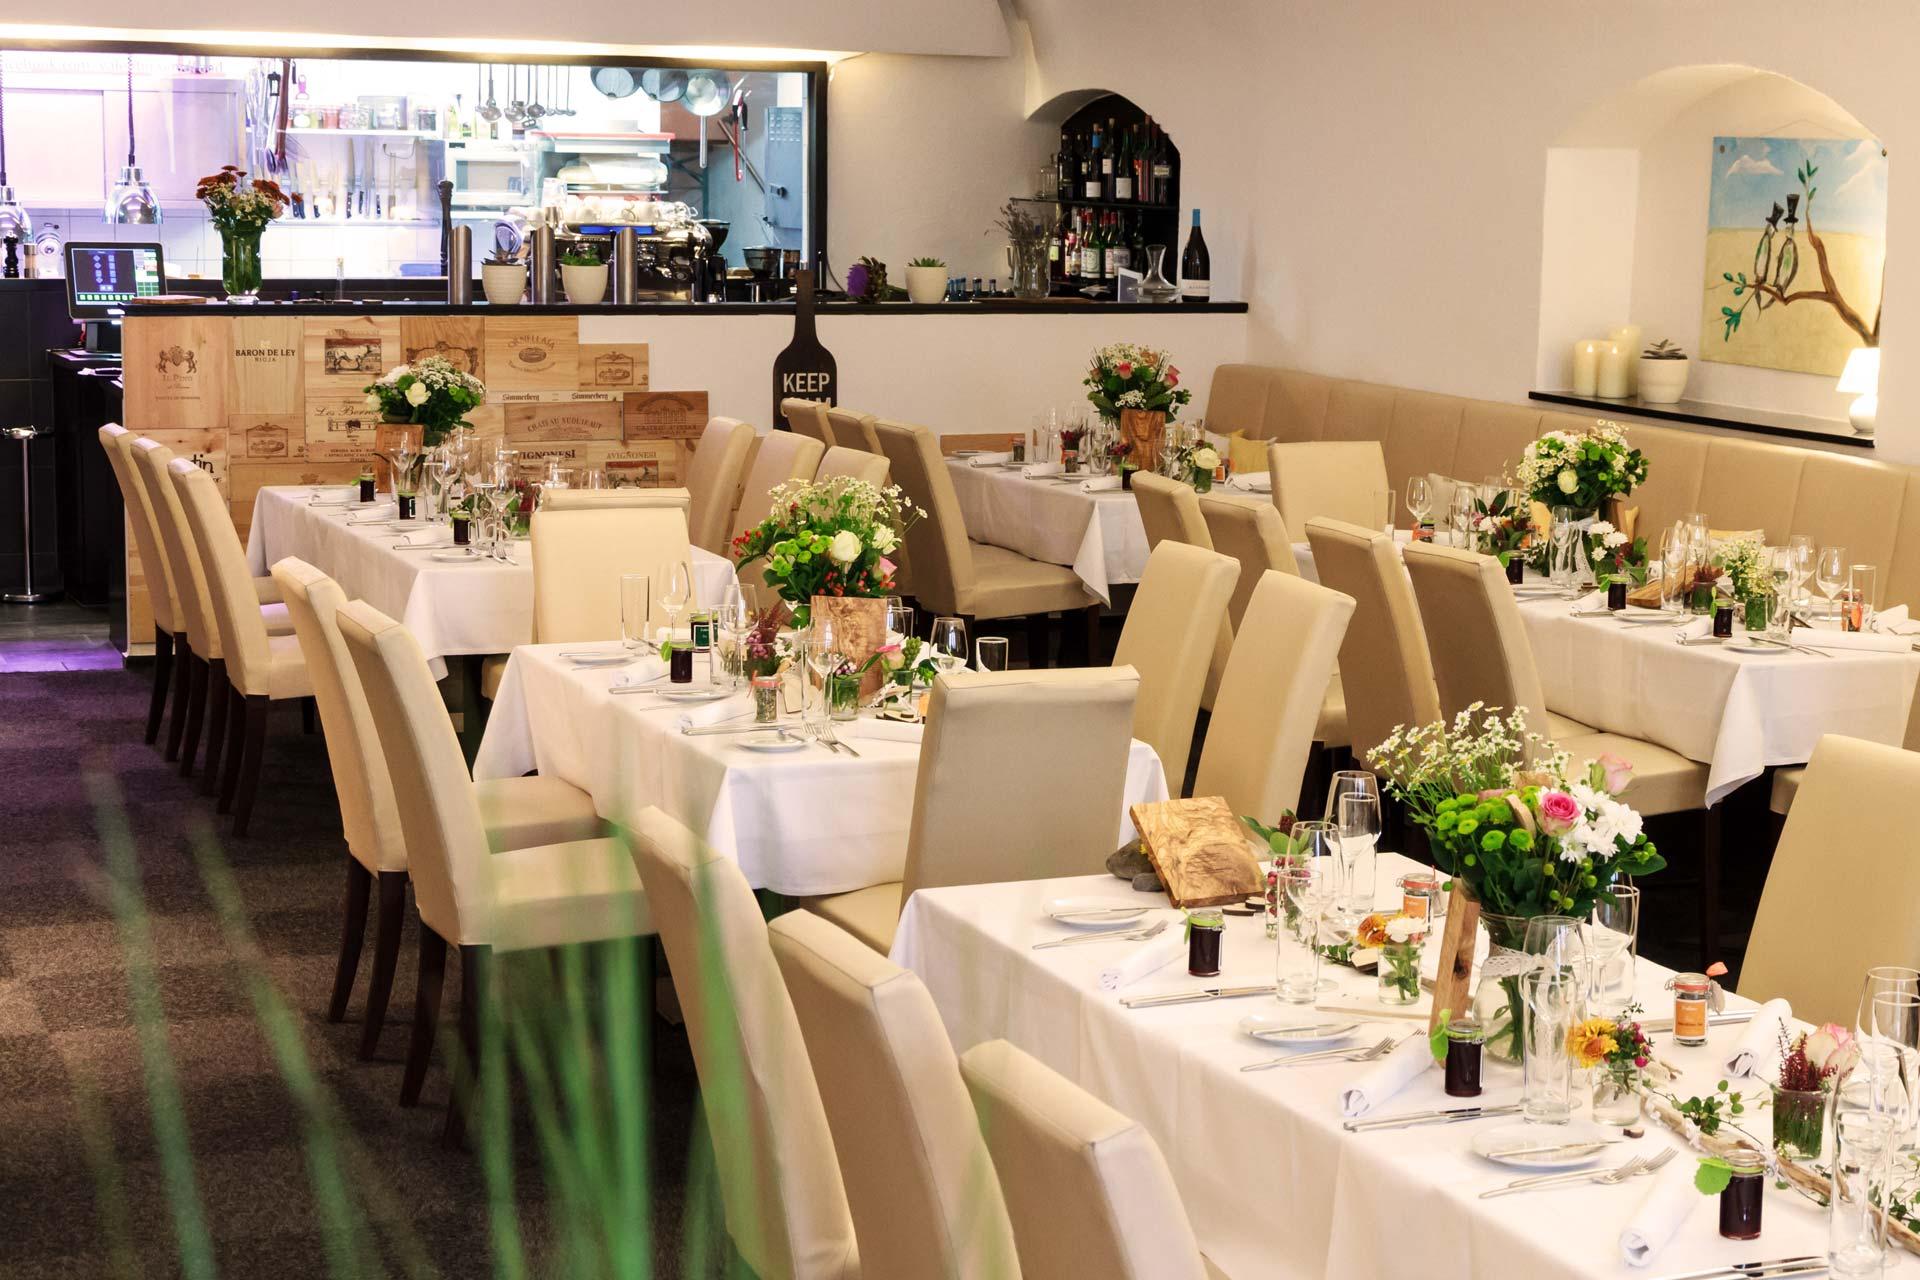 Restaurant Valentin Lindau - Good Food Fine Wine